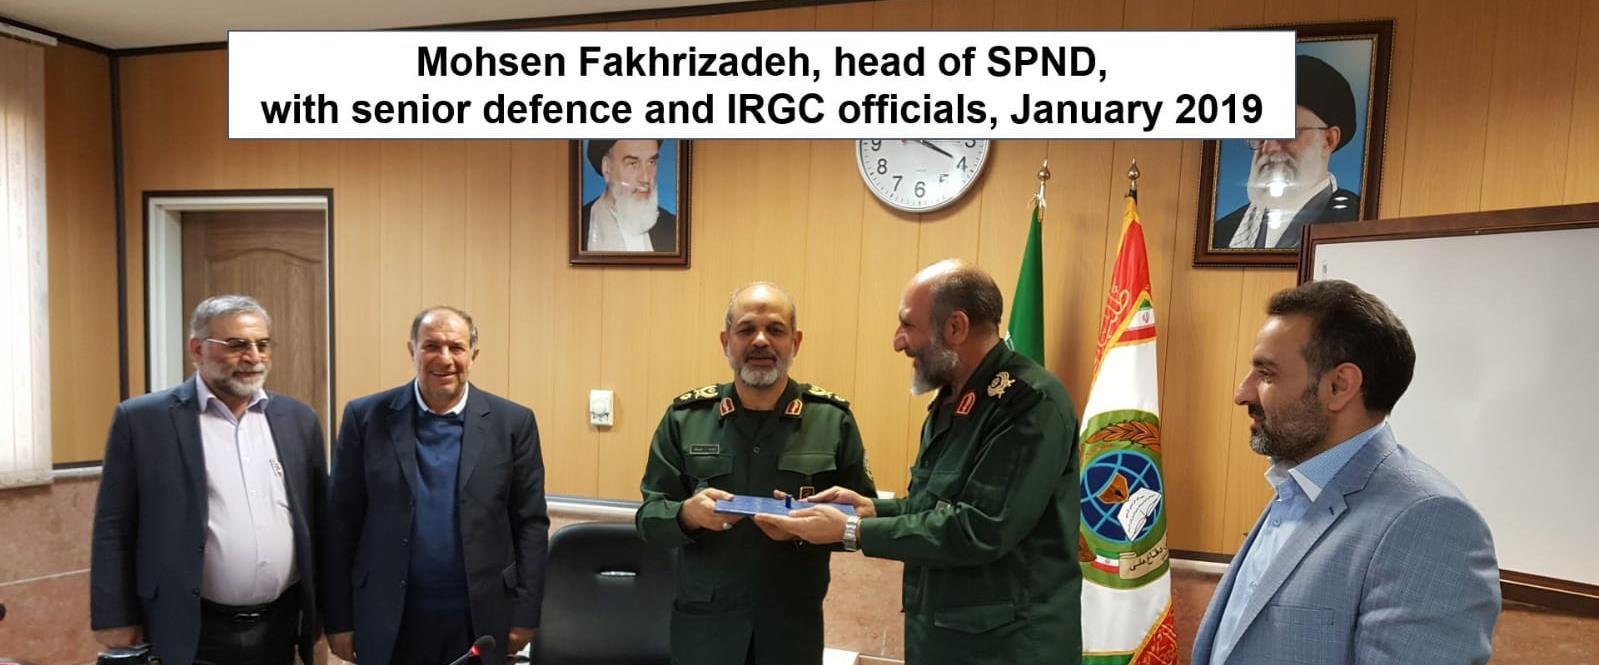 מוהסן פח'ריזאדה, מדען בכיר בתוכנית הגרעין האיראנית